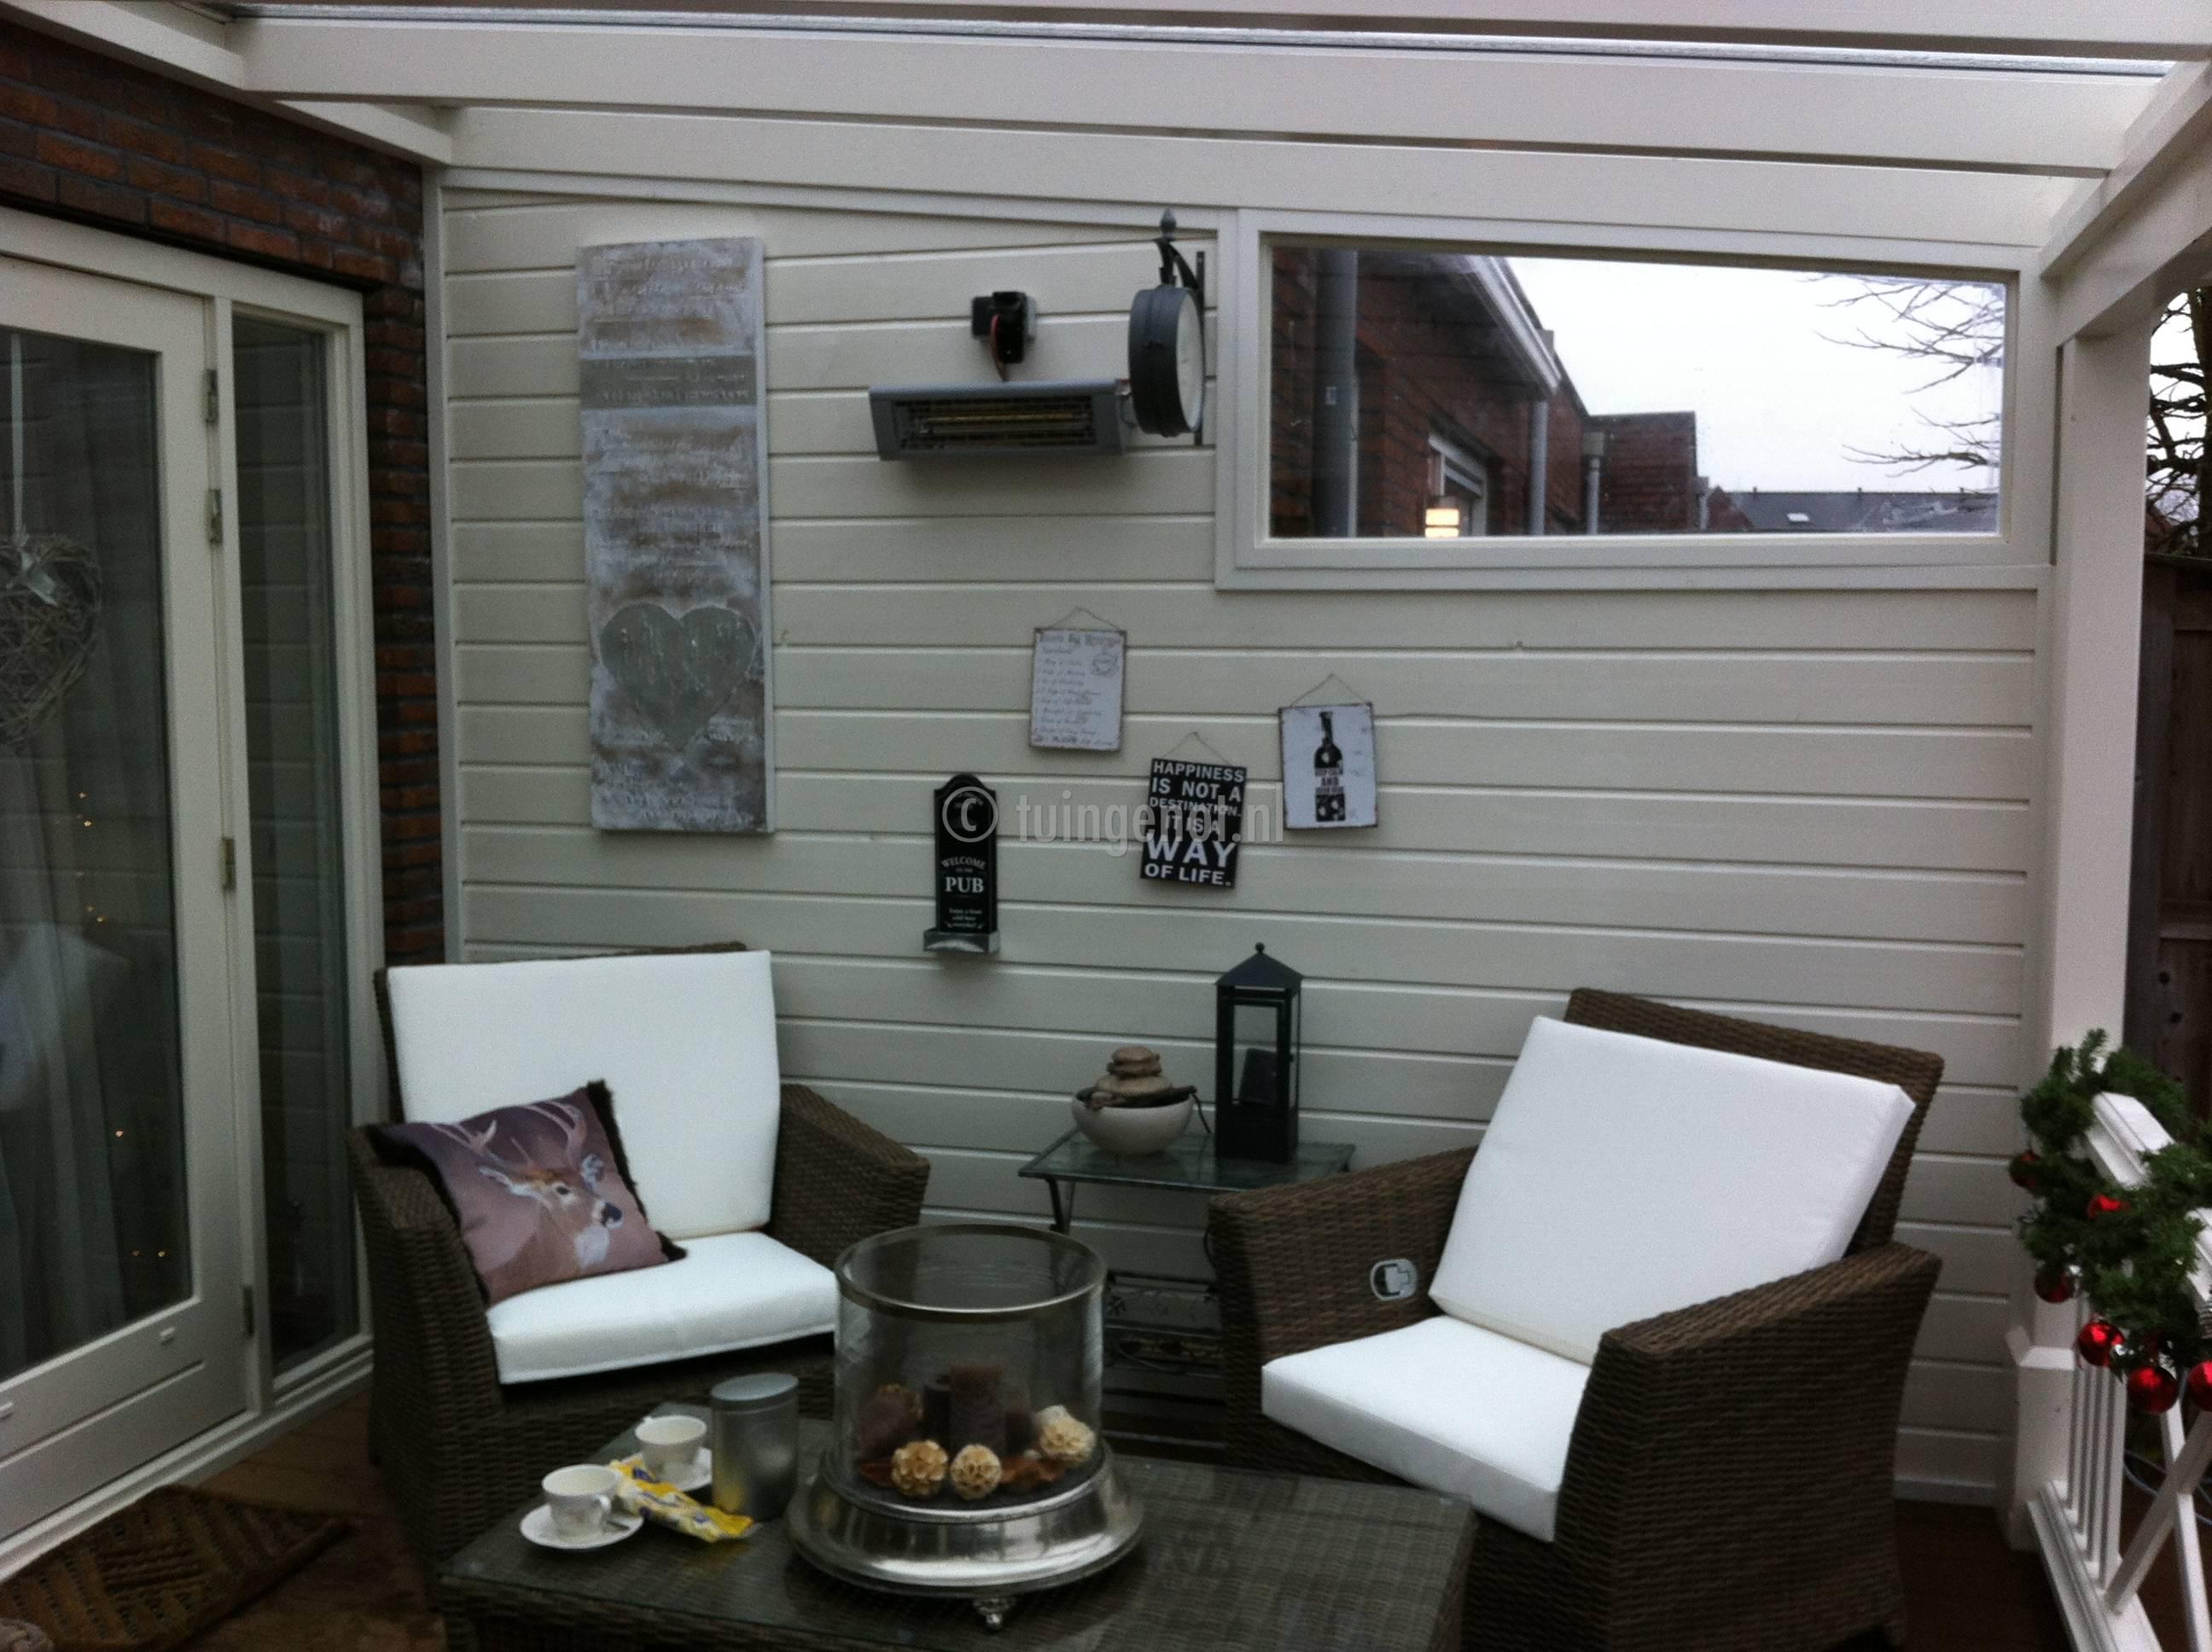 Tuingenot 62 houten zijkanten - Interieur van een veranda ...